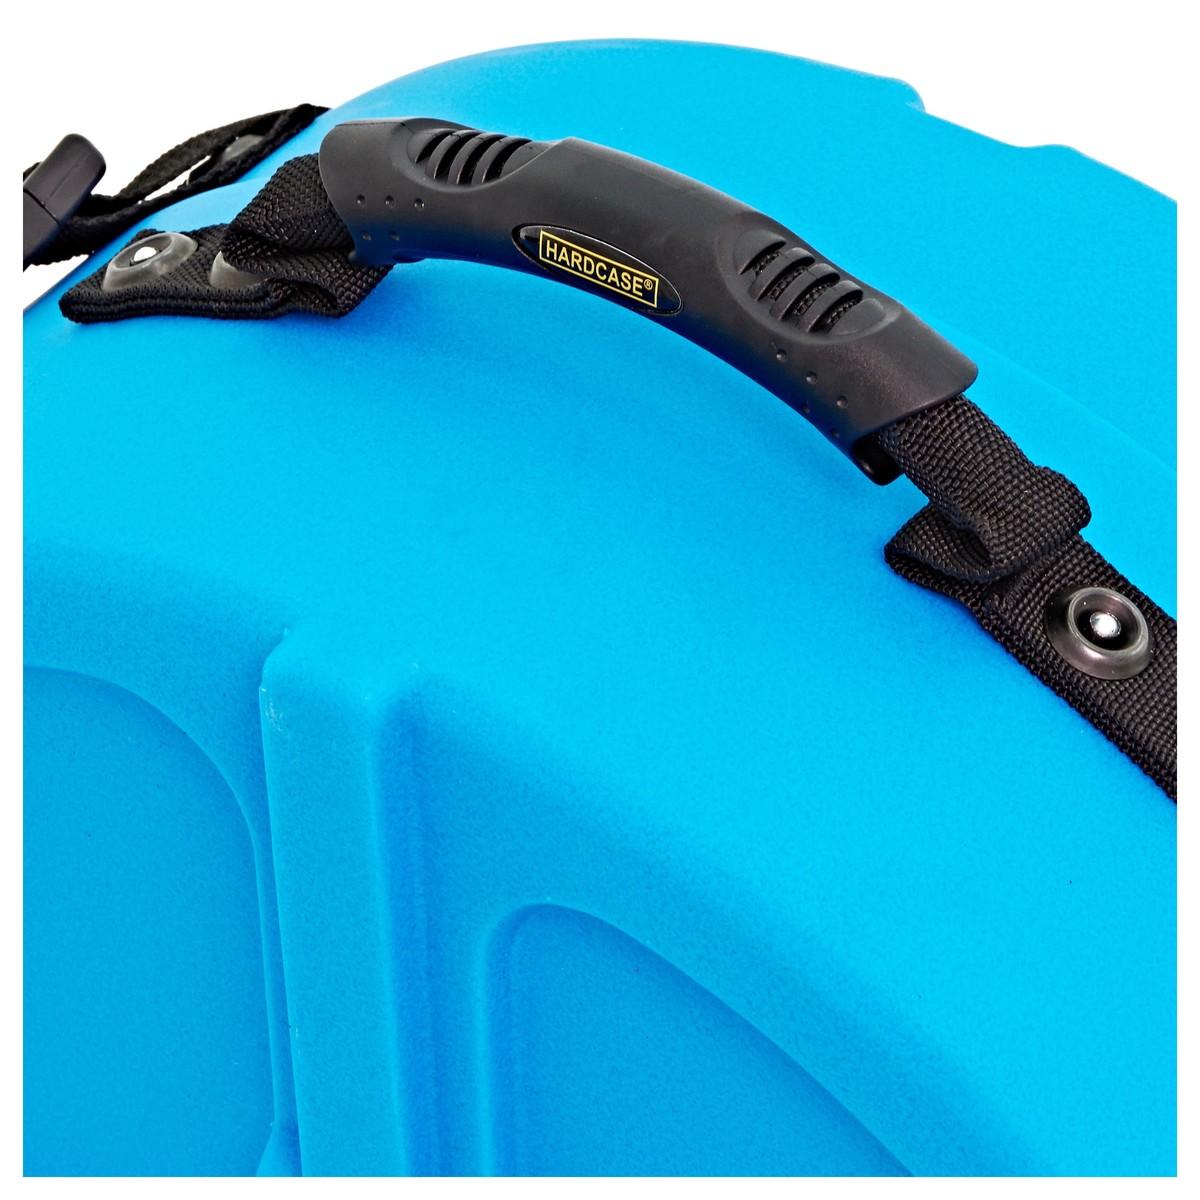 hardcase 14 39 39 snare drum case light blue at gear4music. Black Bedroom Furniture Sets. Home Design Ideas